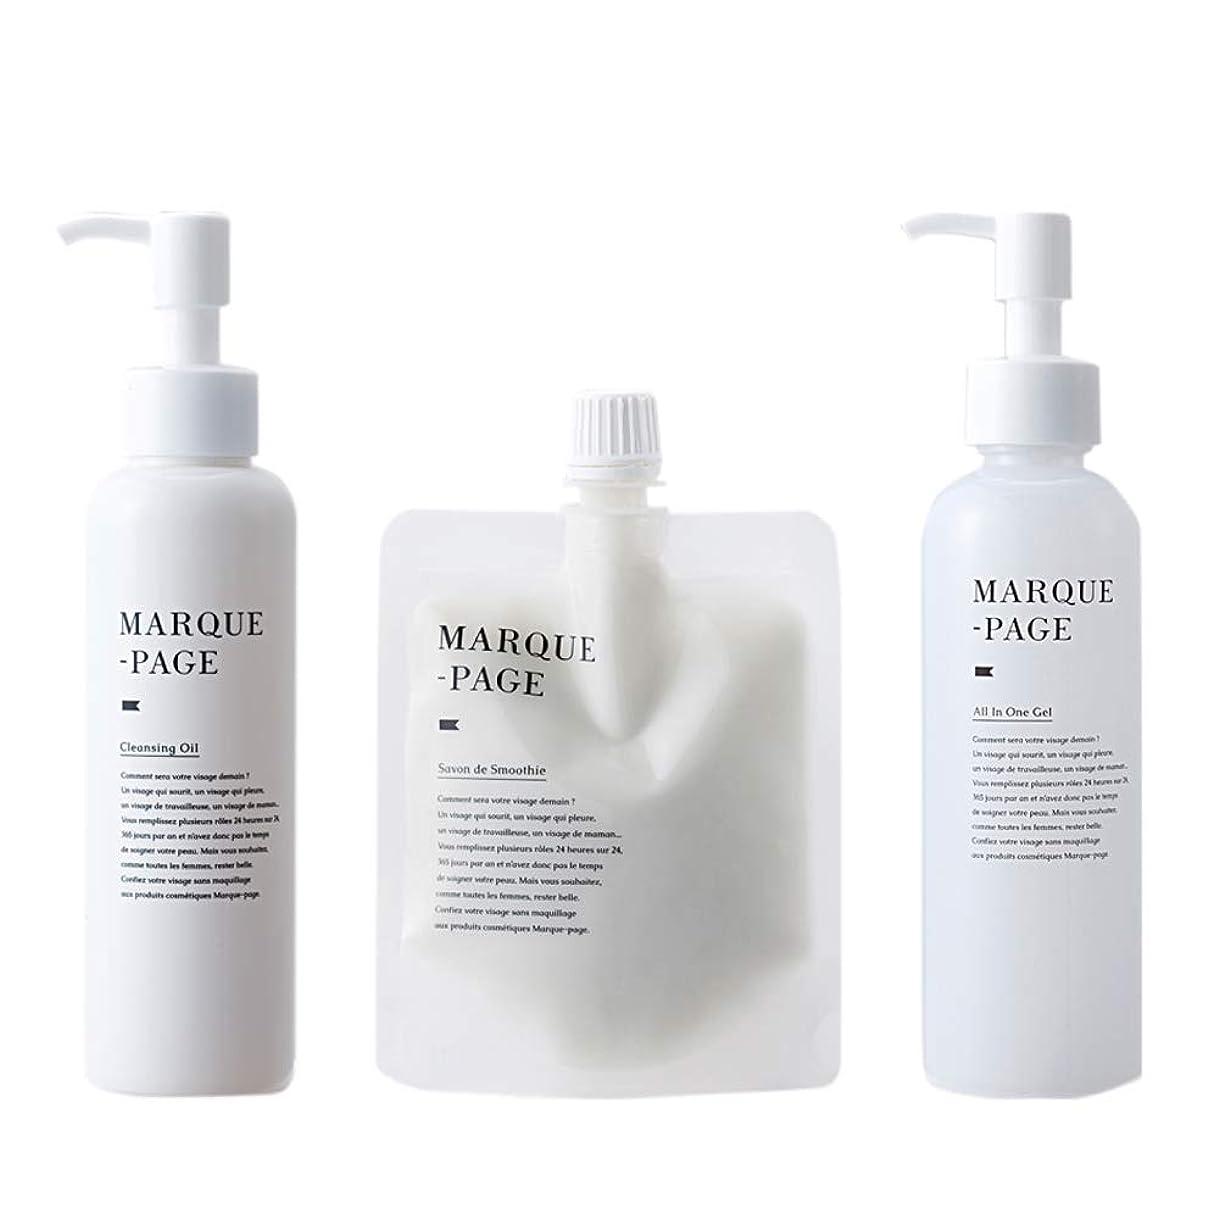 ハドル堀プランターMARQUE-PAGE マルクパージュ クレンジング?洗顔?美容保湿ゲル 3セット